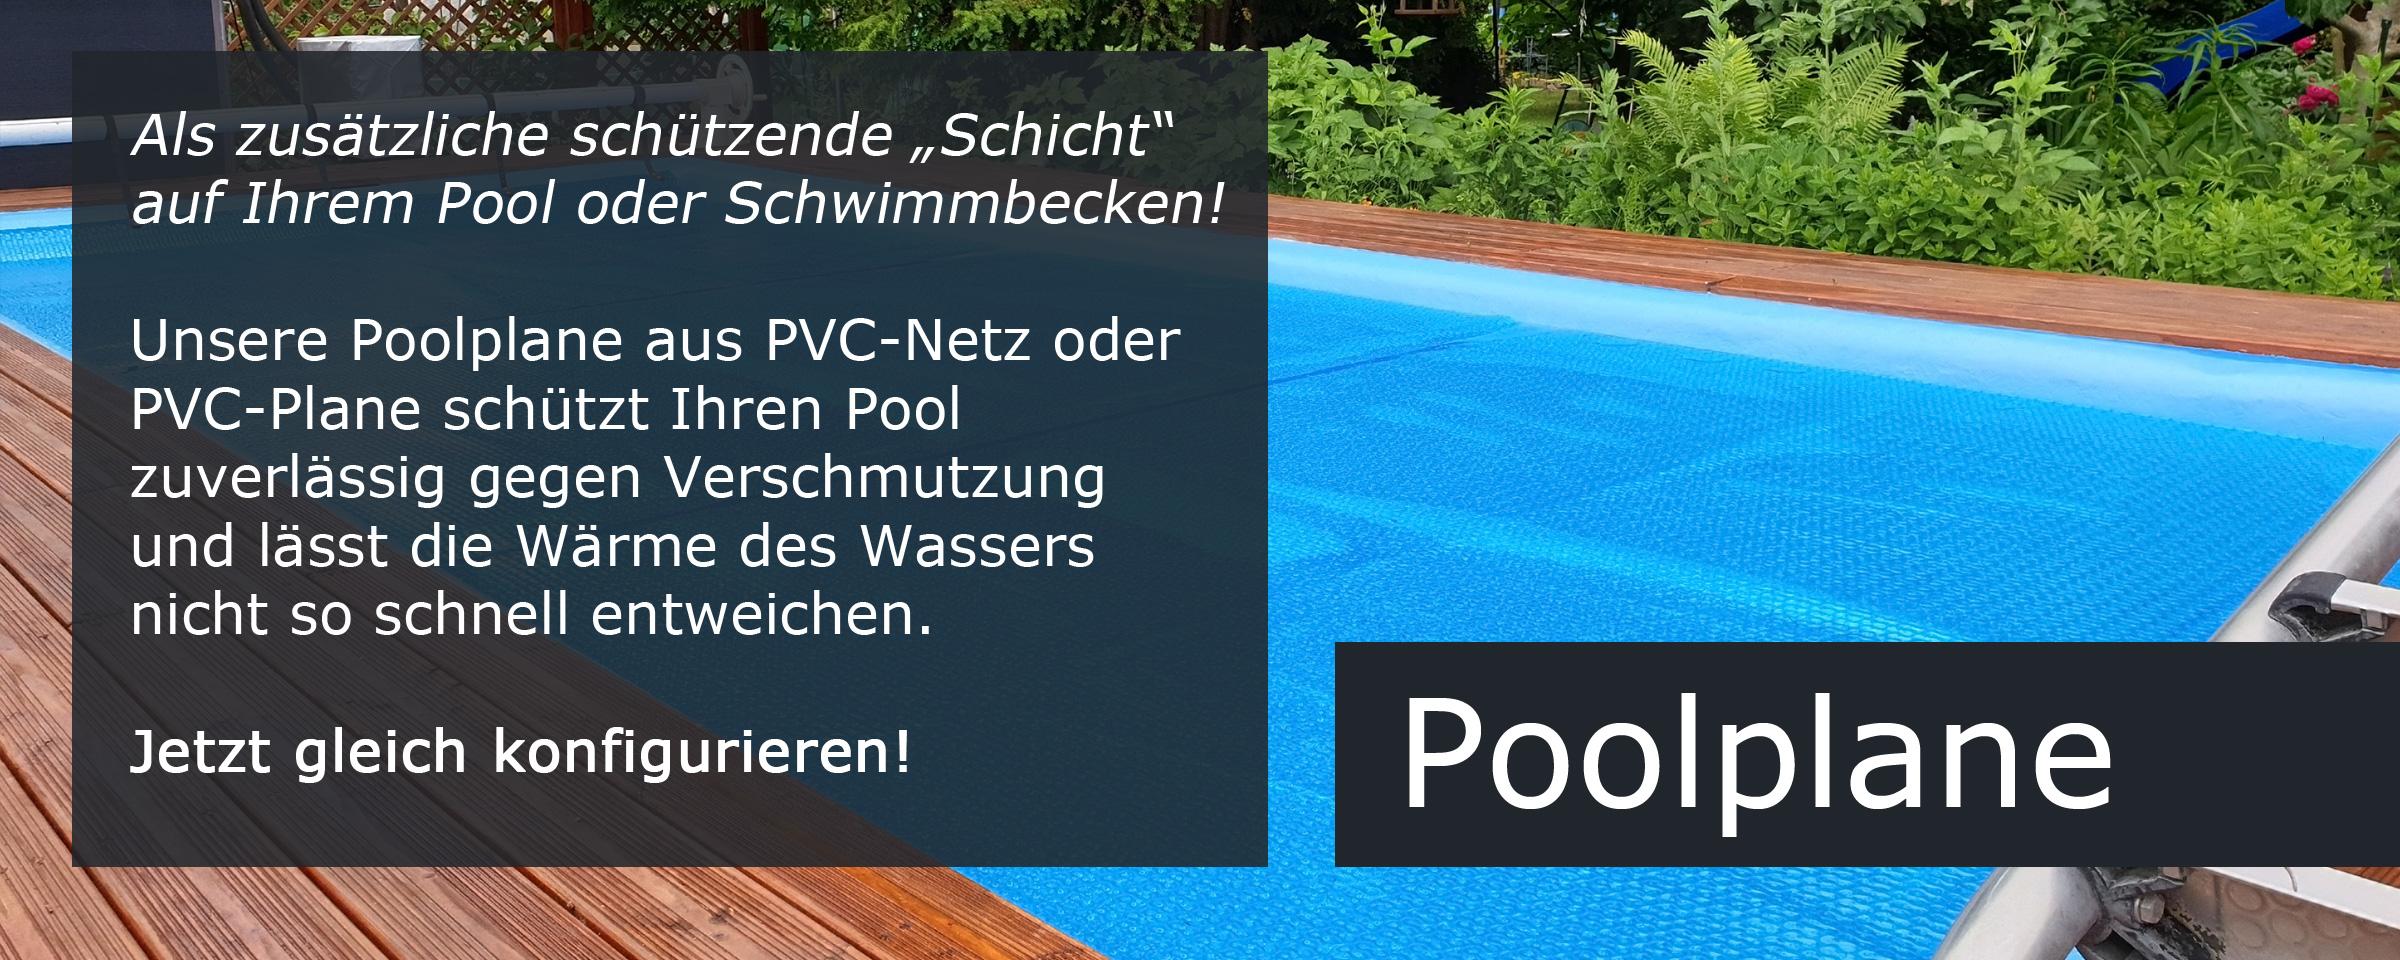 poolplane60acb3c1222e5